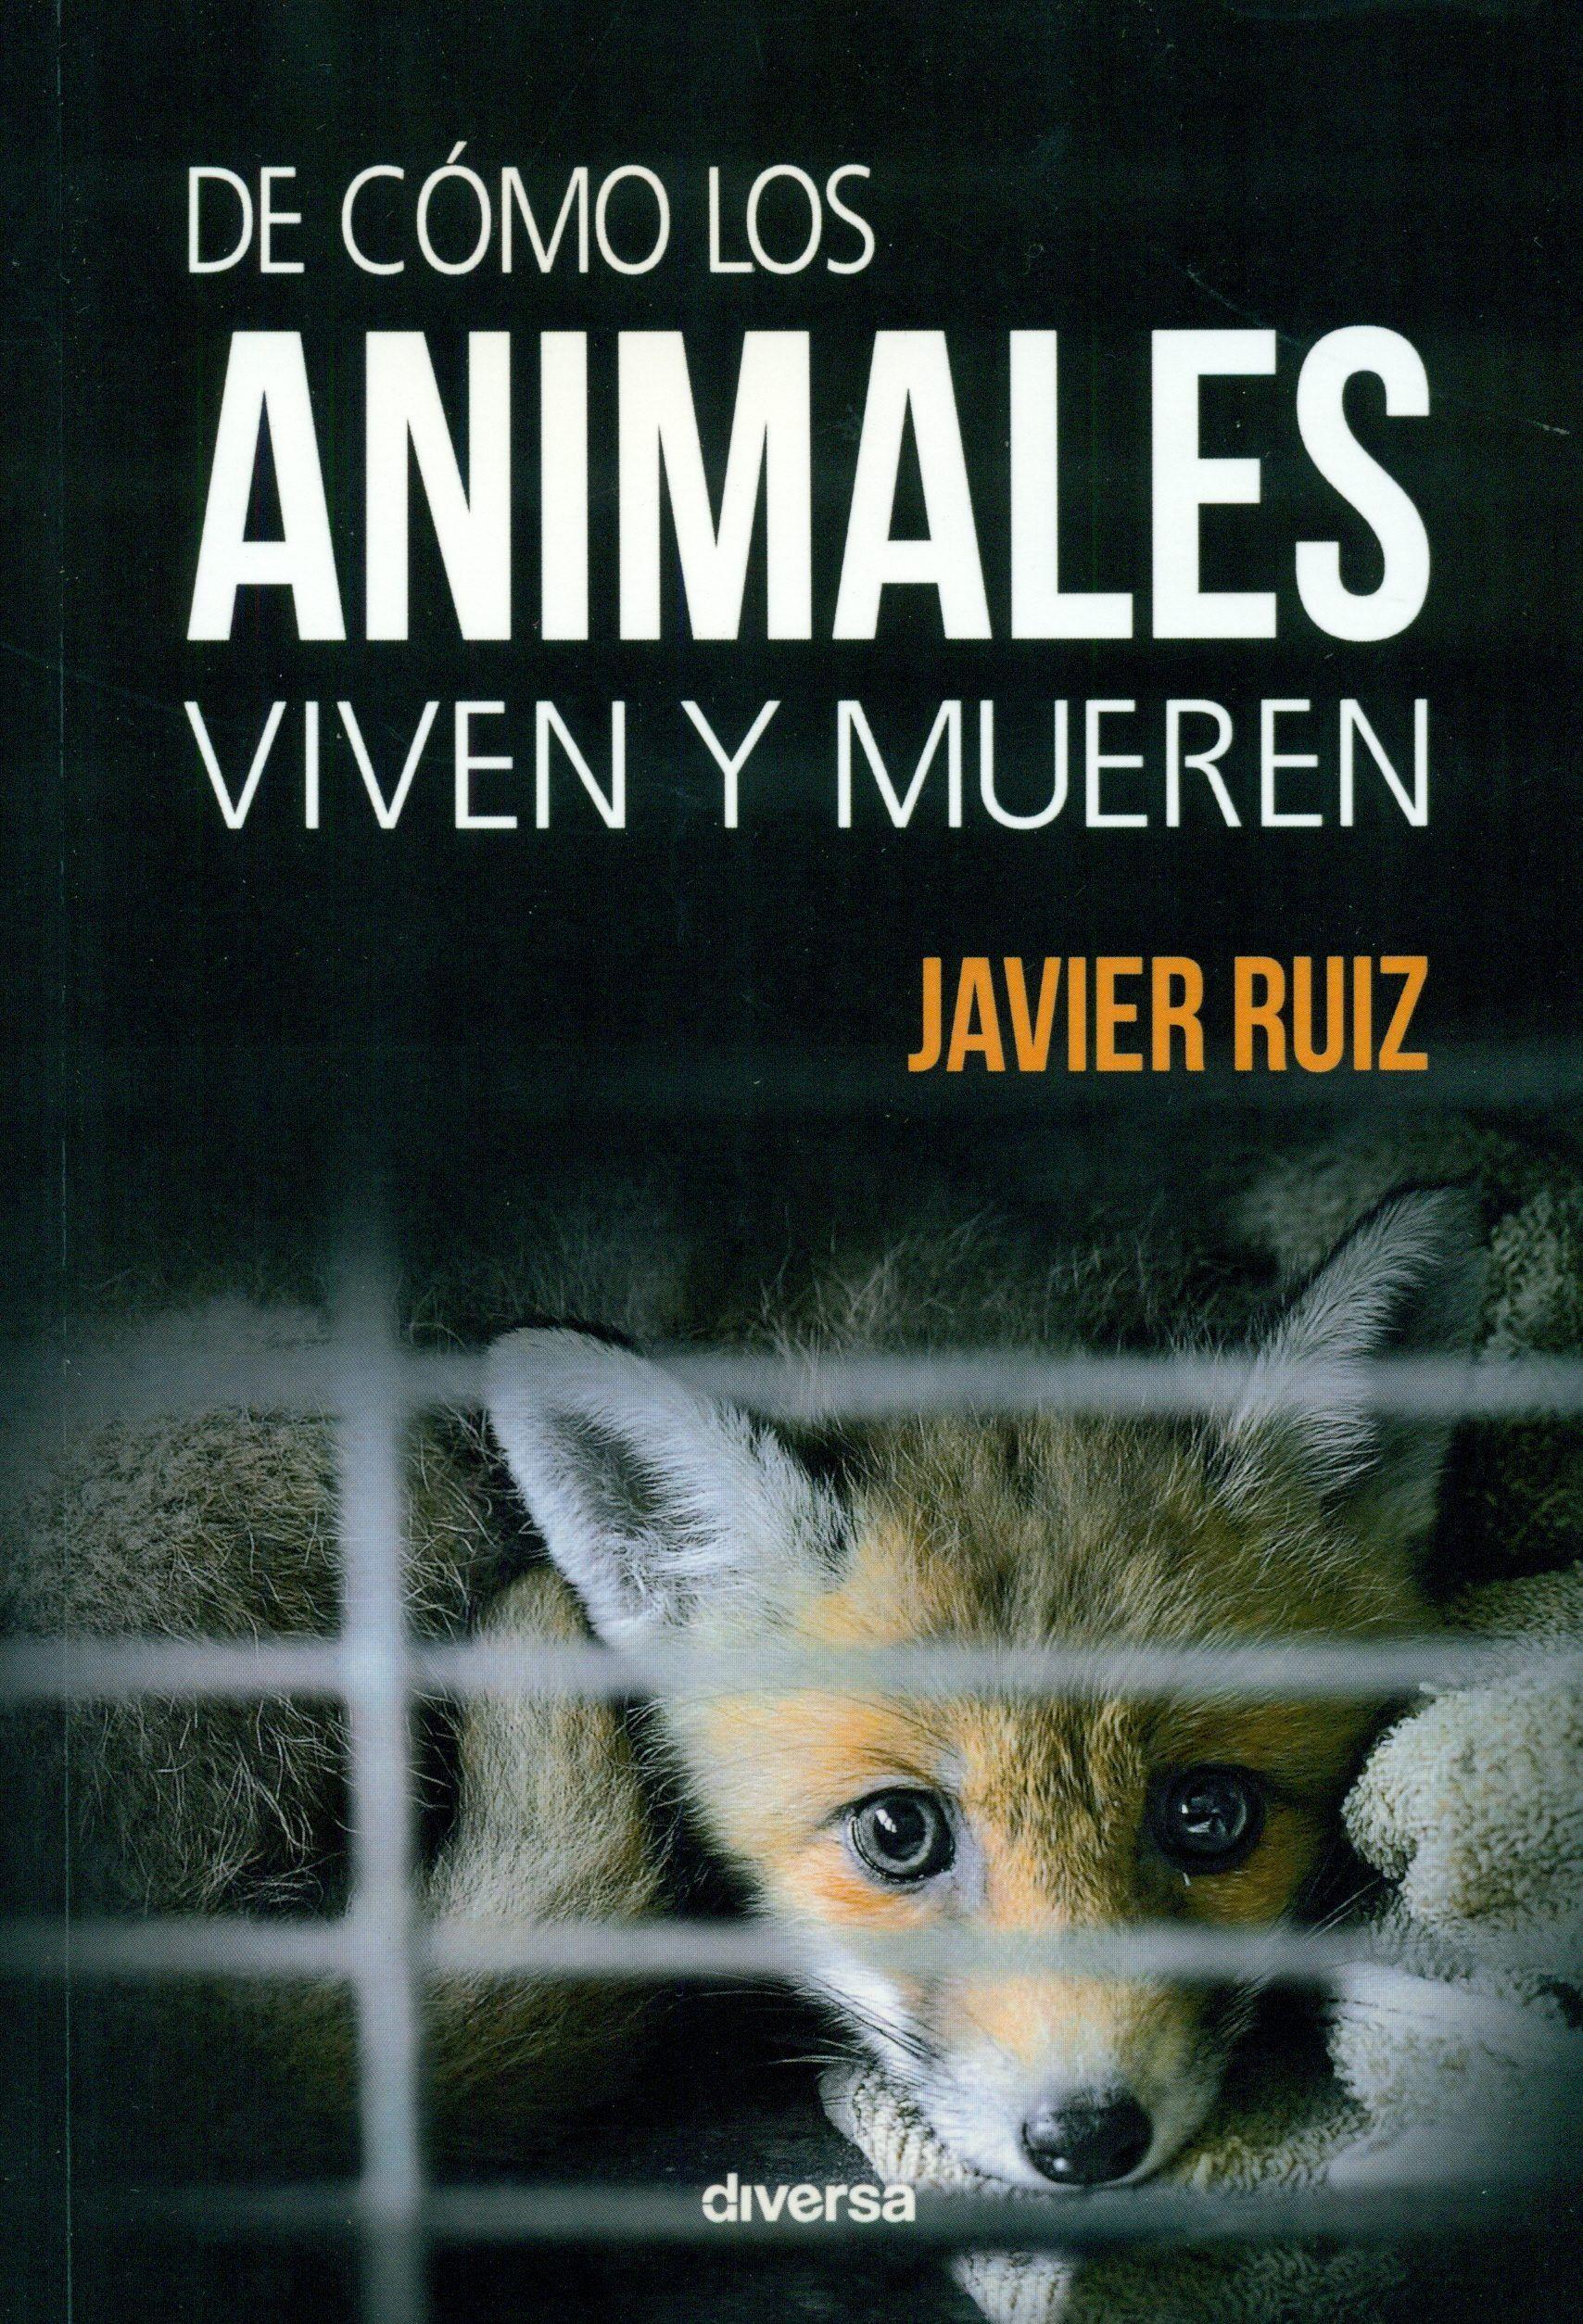 Como Acabar Con La Contracultura De Como Los Animales Viven Y Mueren Javier Informativos